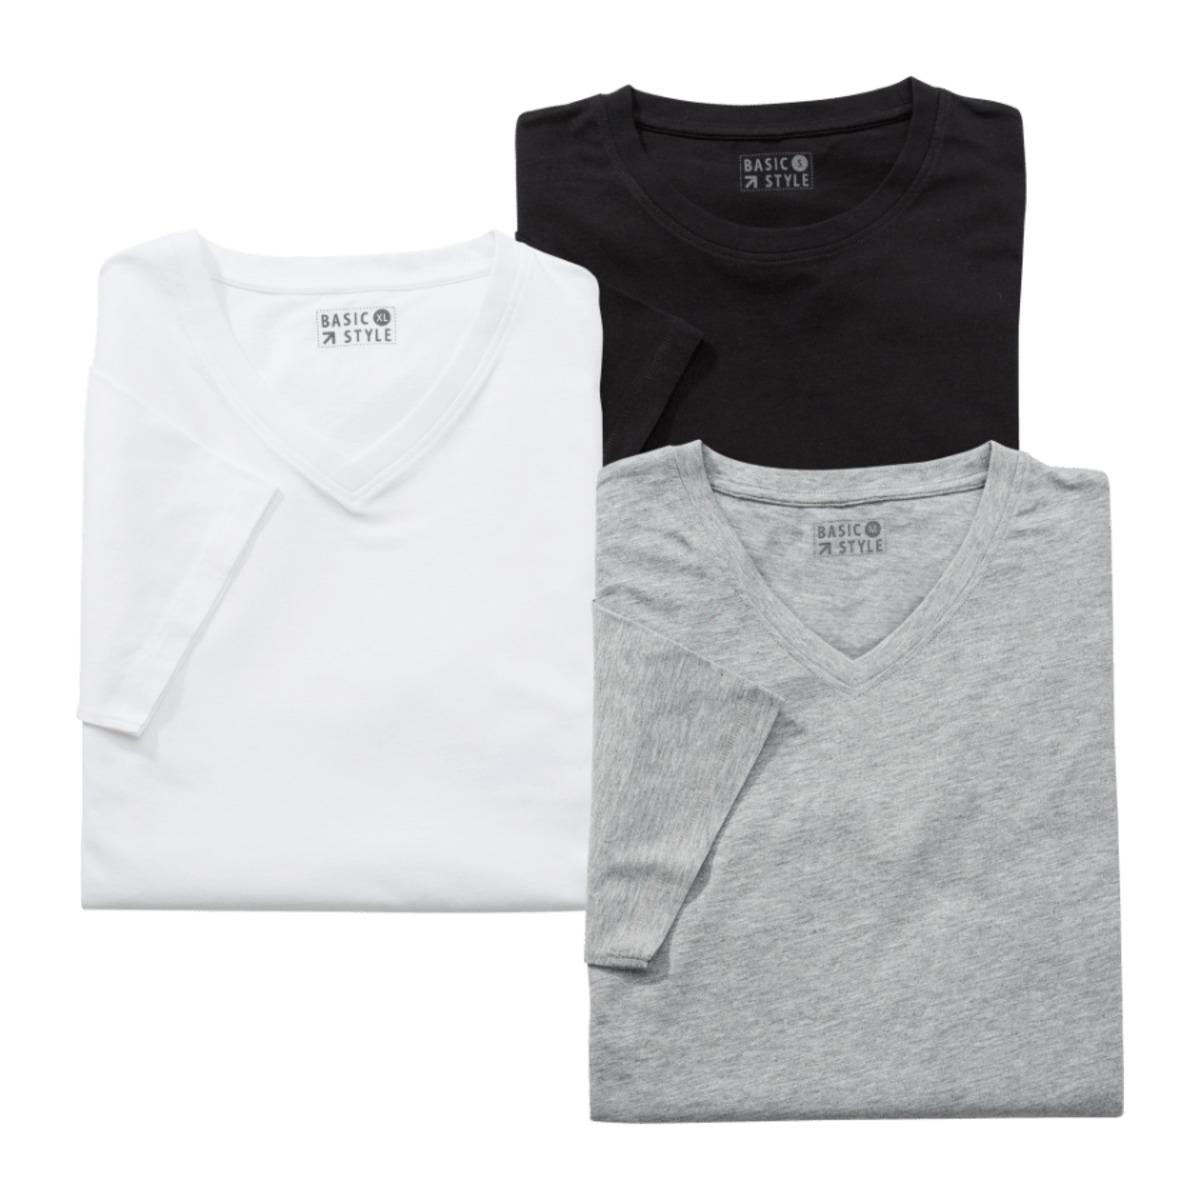 Bild 1 von STRAIGHT UP     T-Shirt Basic-Style